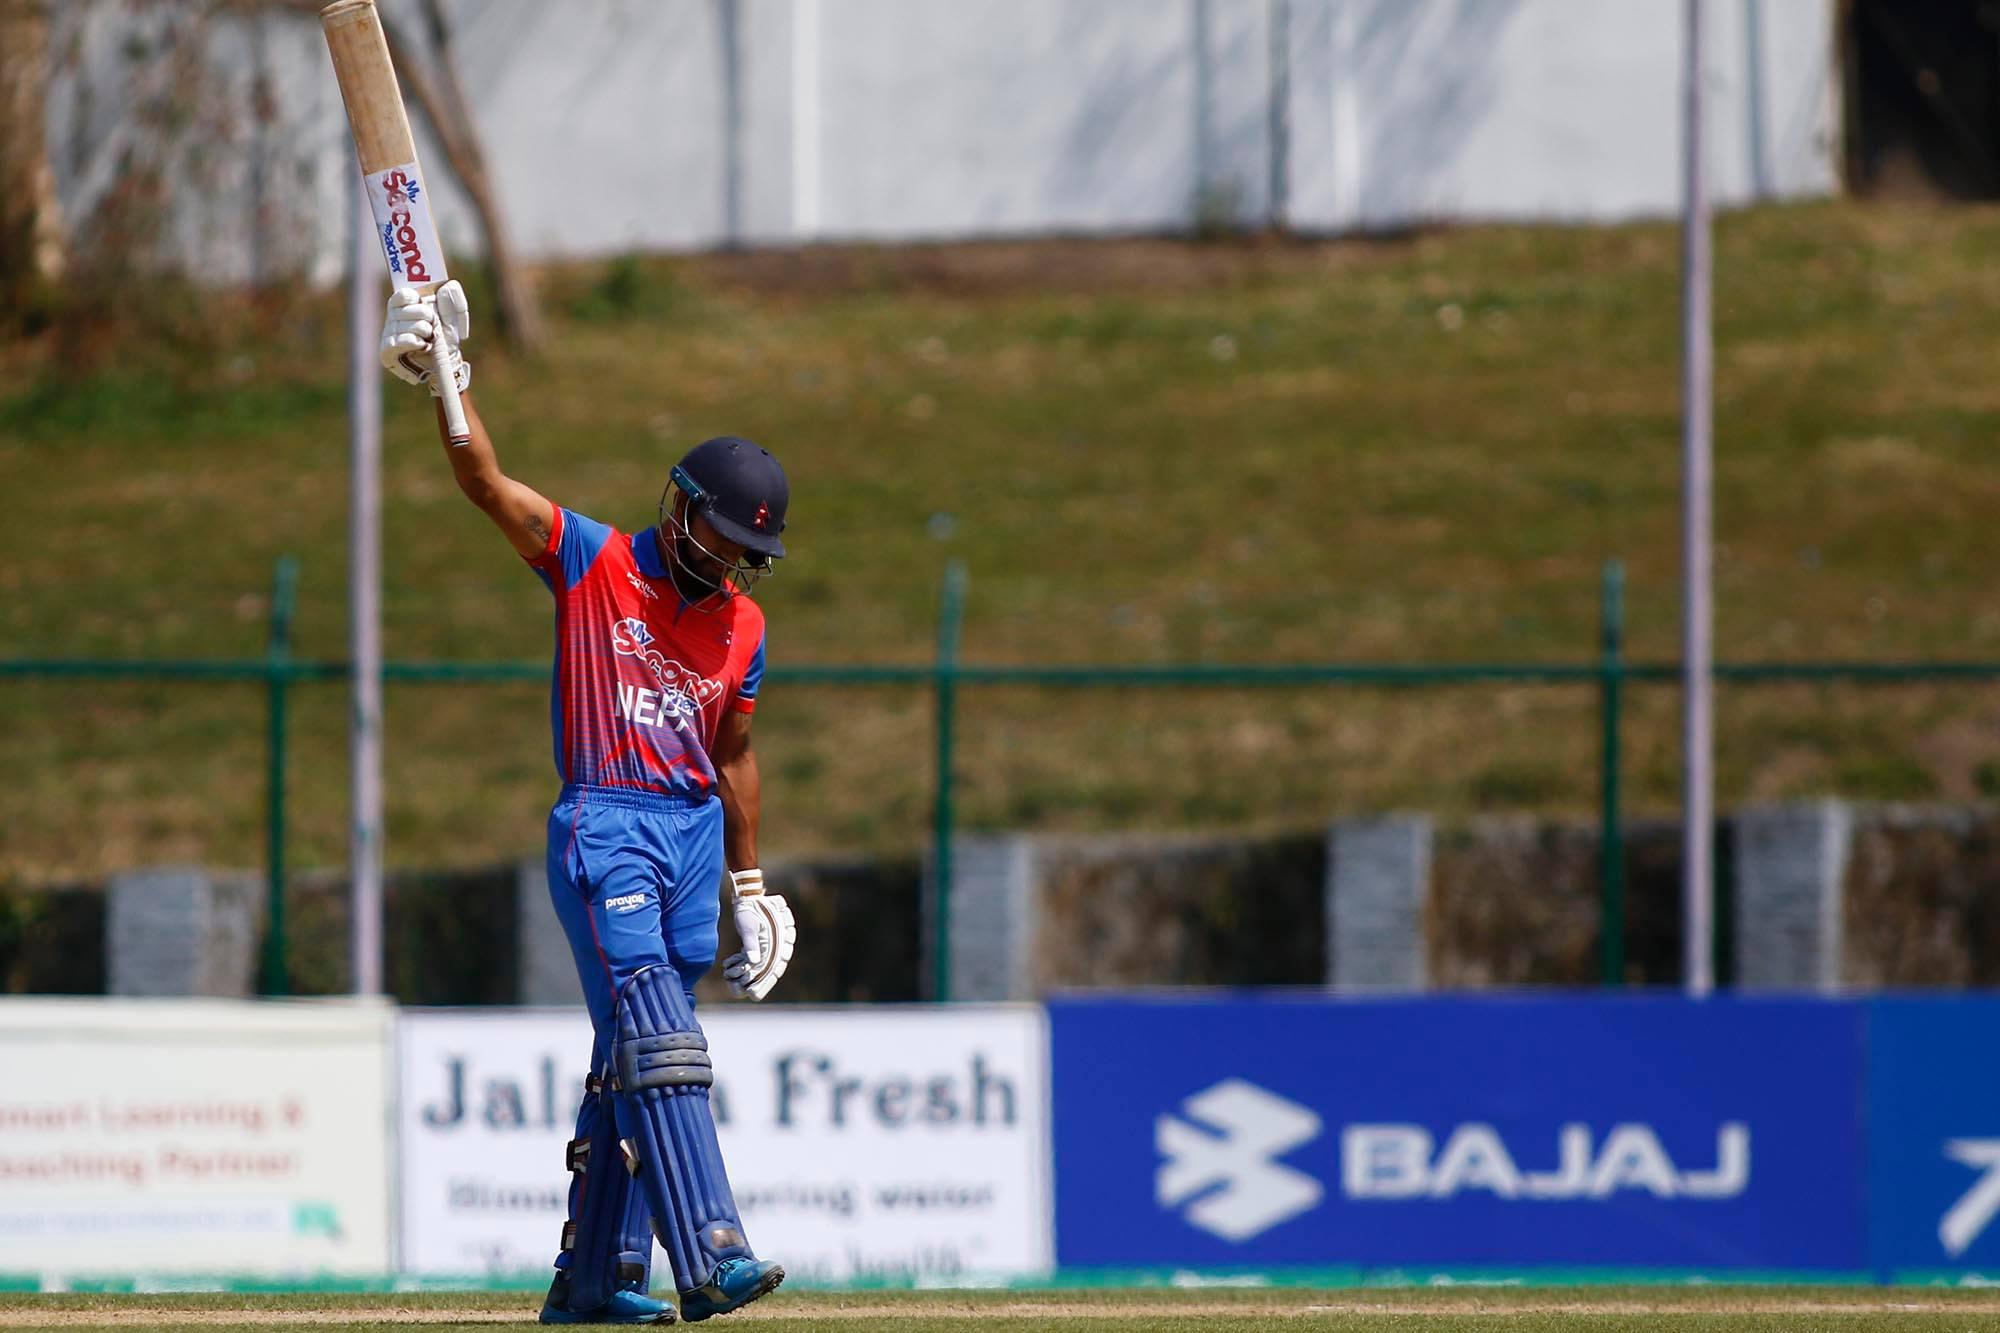 टी-२० मा धेरै रन बनाउने खेलाडीमा कुशल भुर्तेलले कोहलीलाई पछाडी पारे